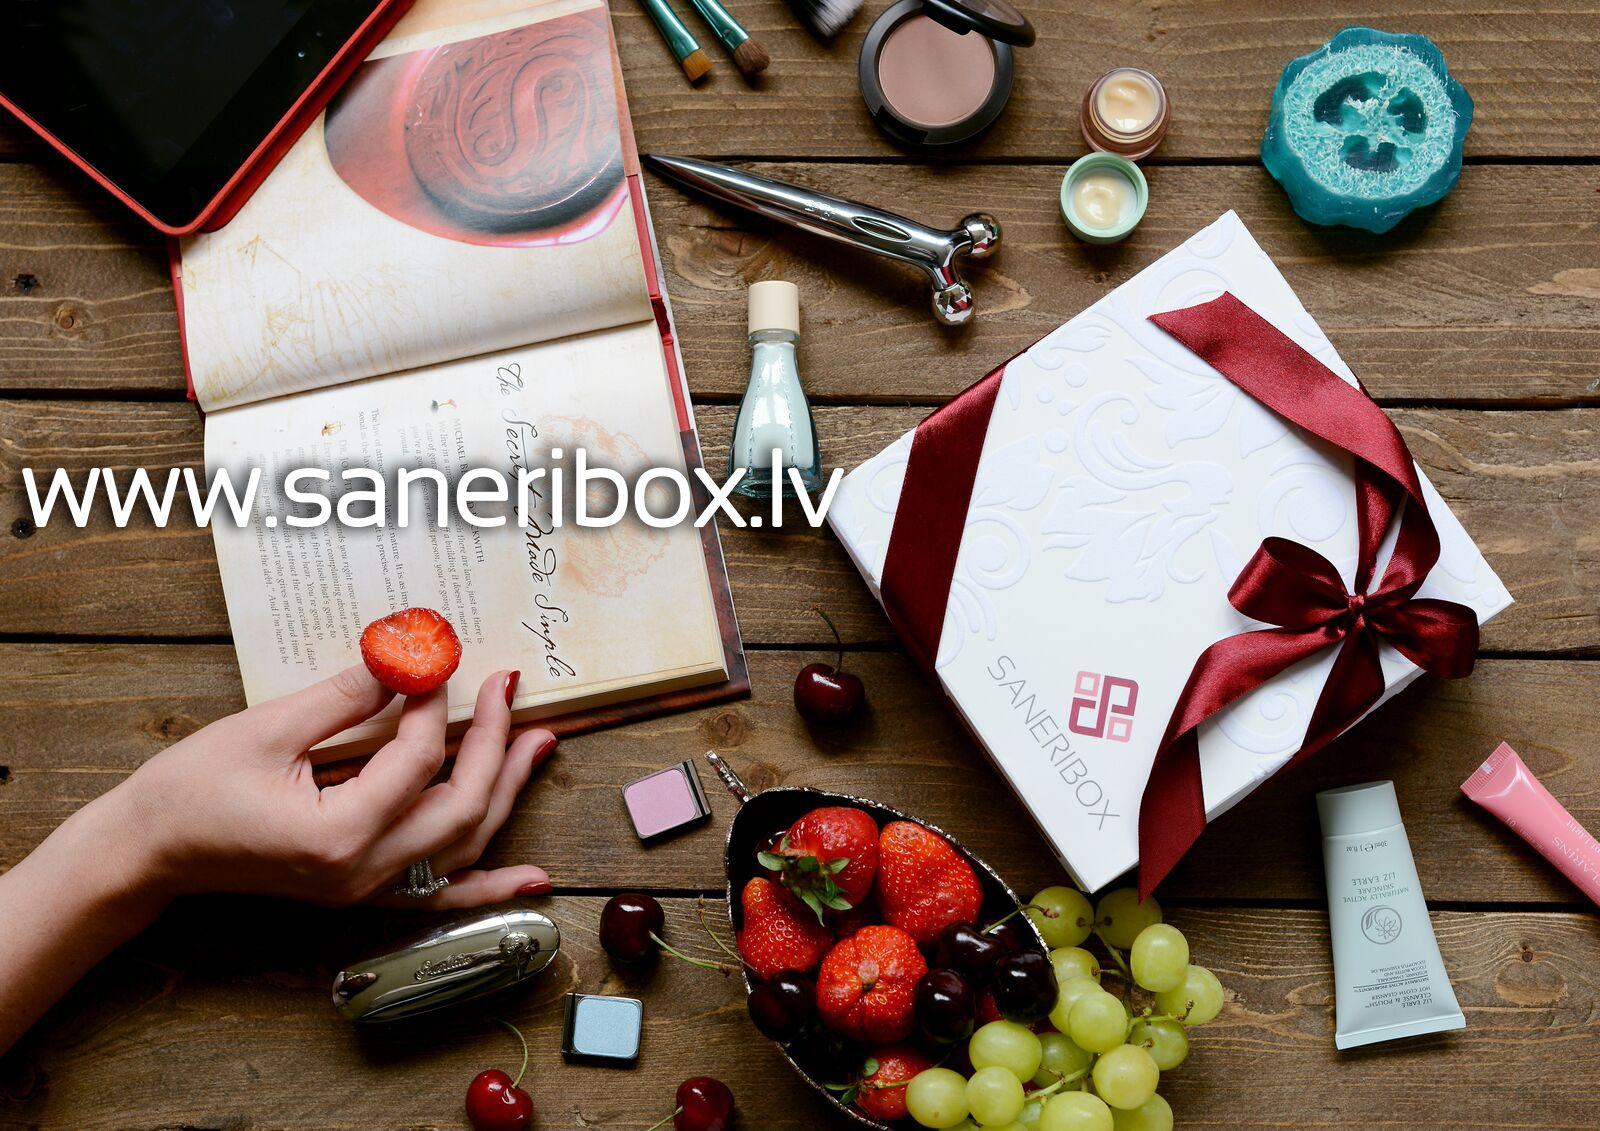 Laimē iespēju notestēt SANERIBOX skaistuma kastīti!